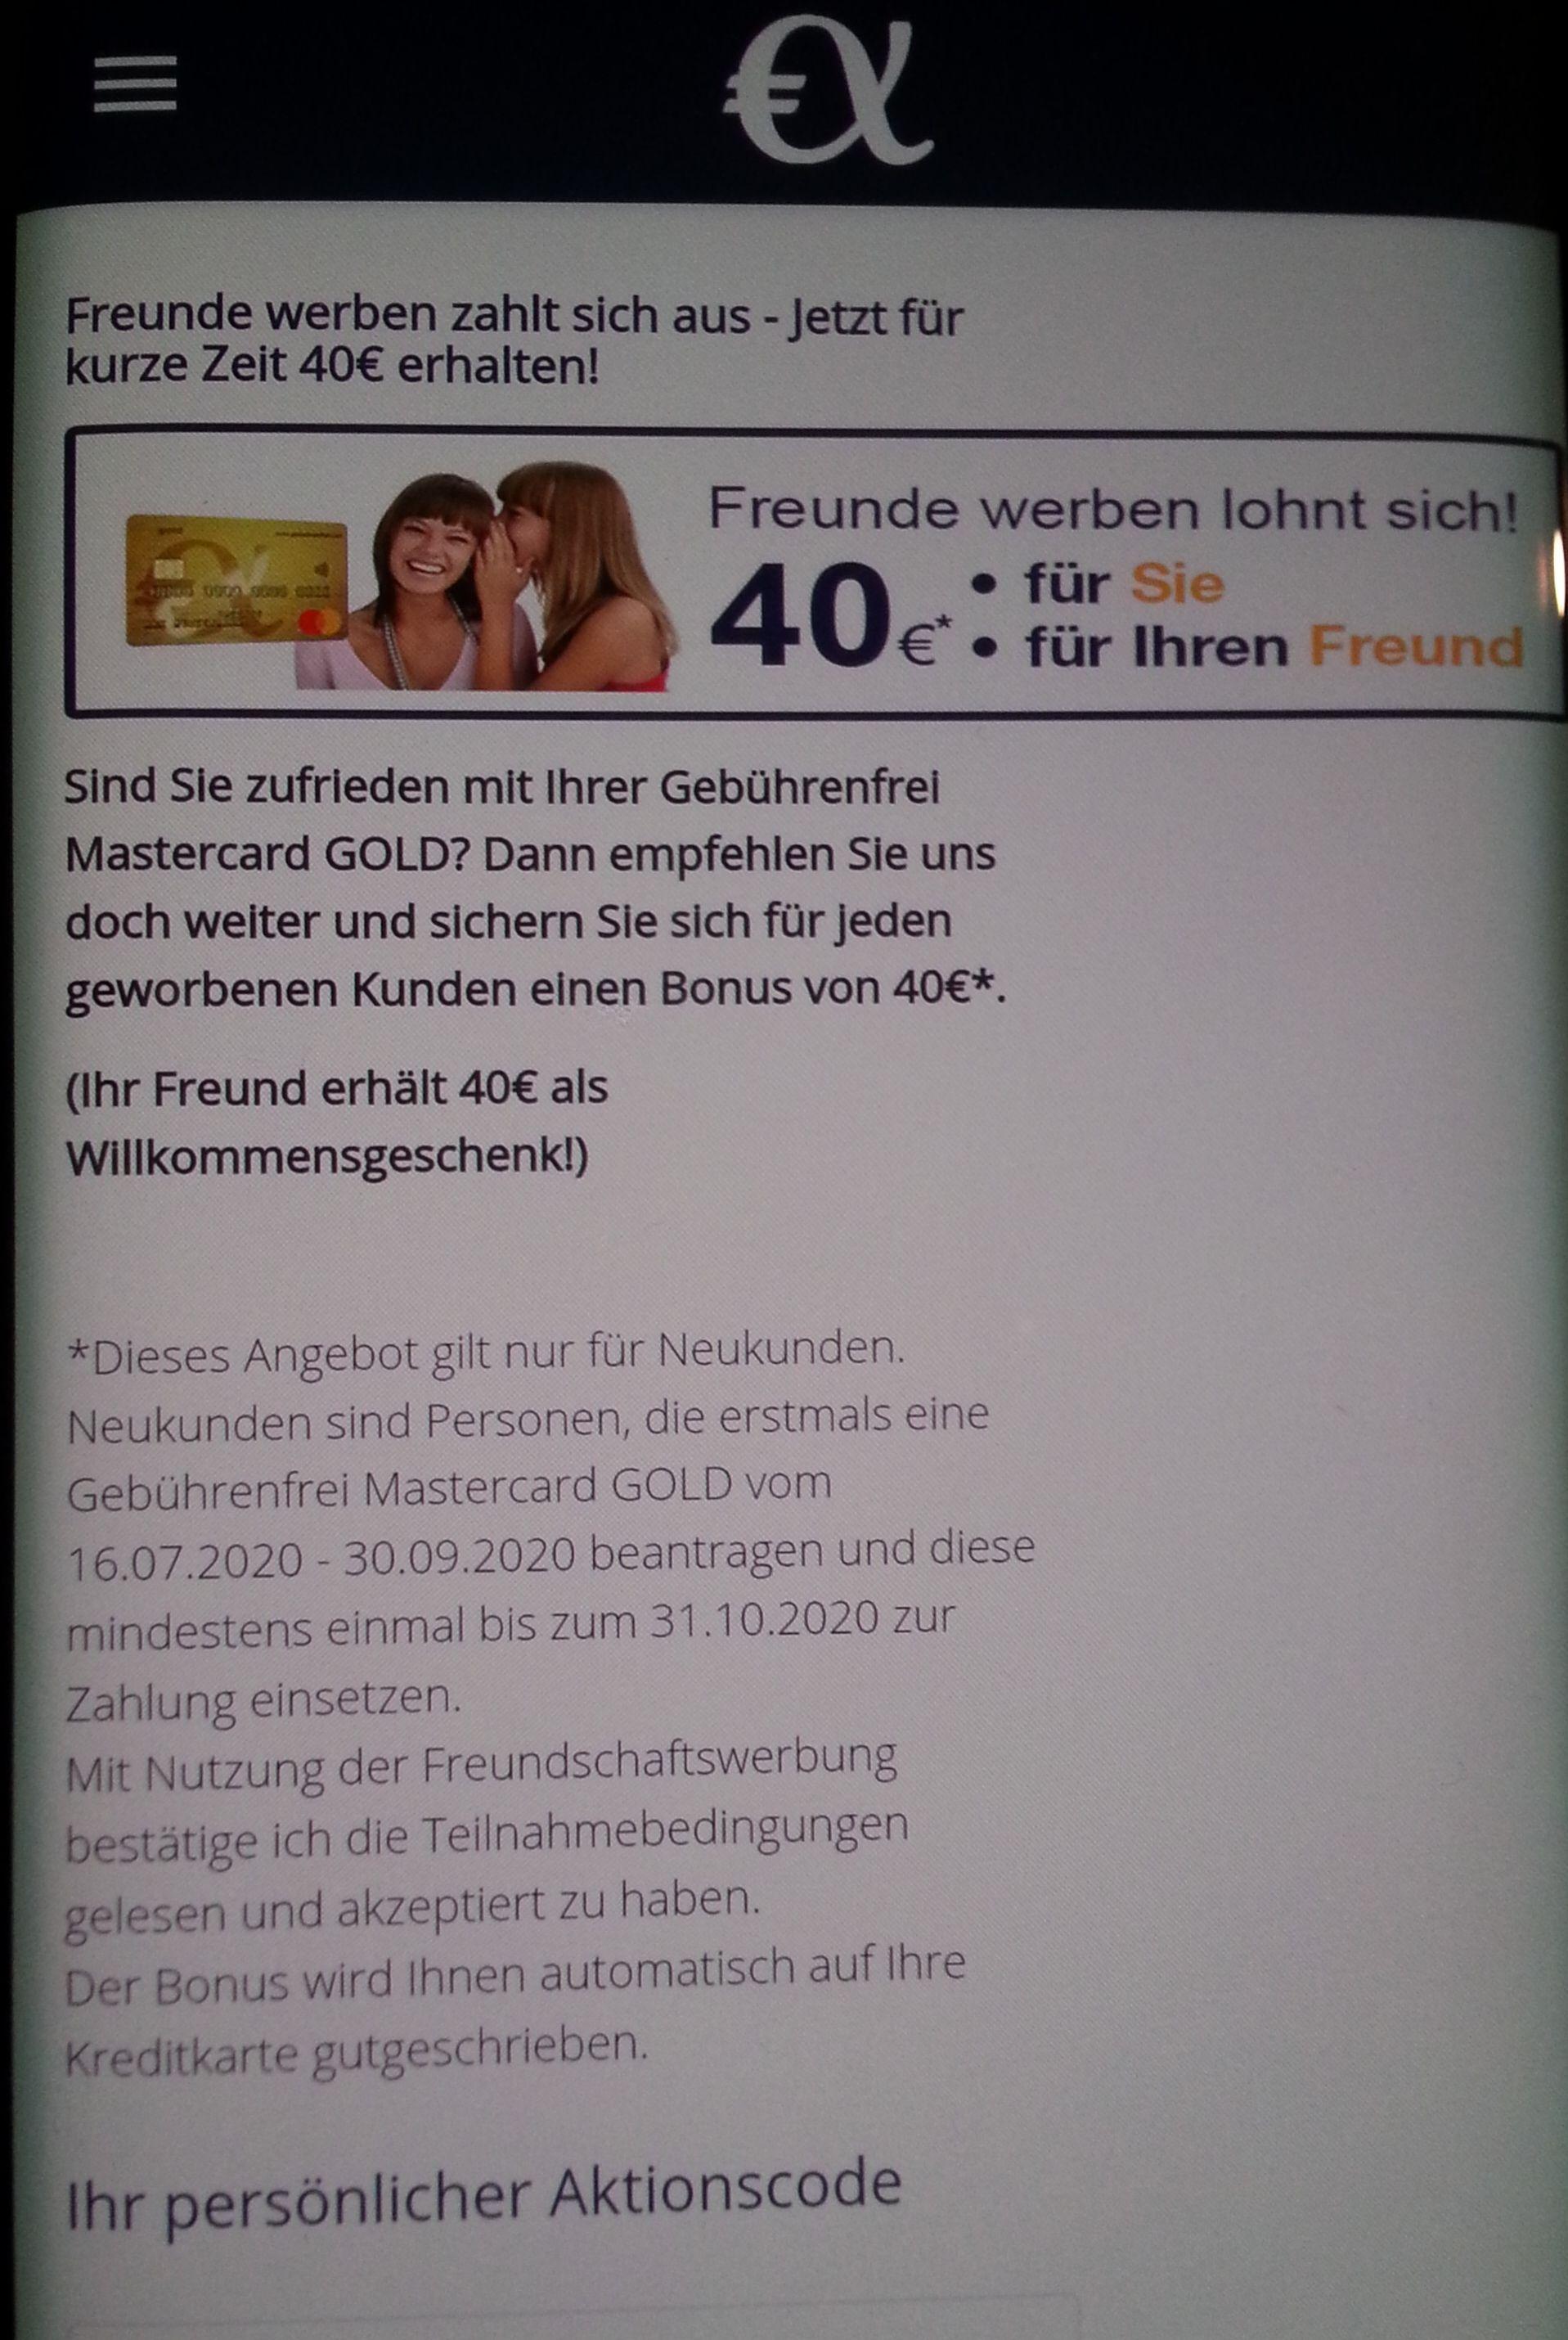 [KWK] 2 x 40€ Neukundenbonus bei Advanzia Gebührenfrei in der App